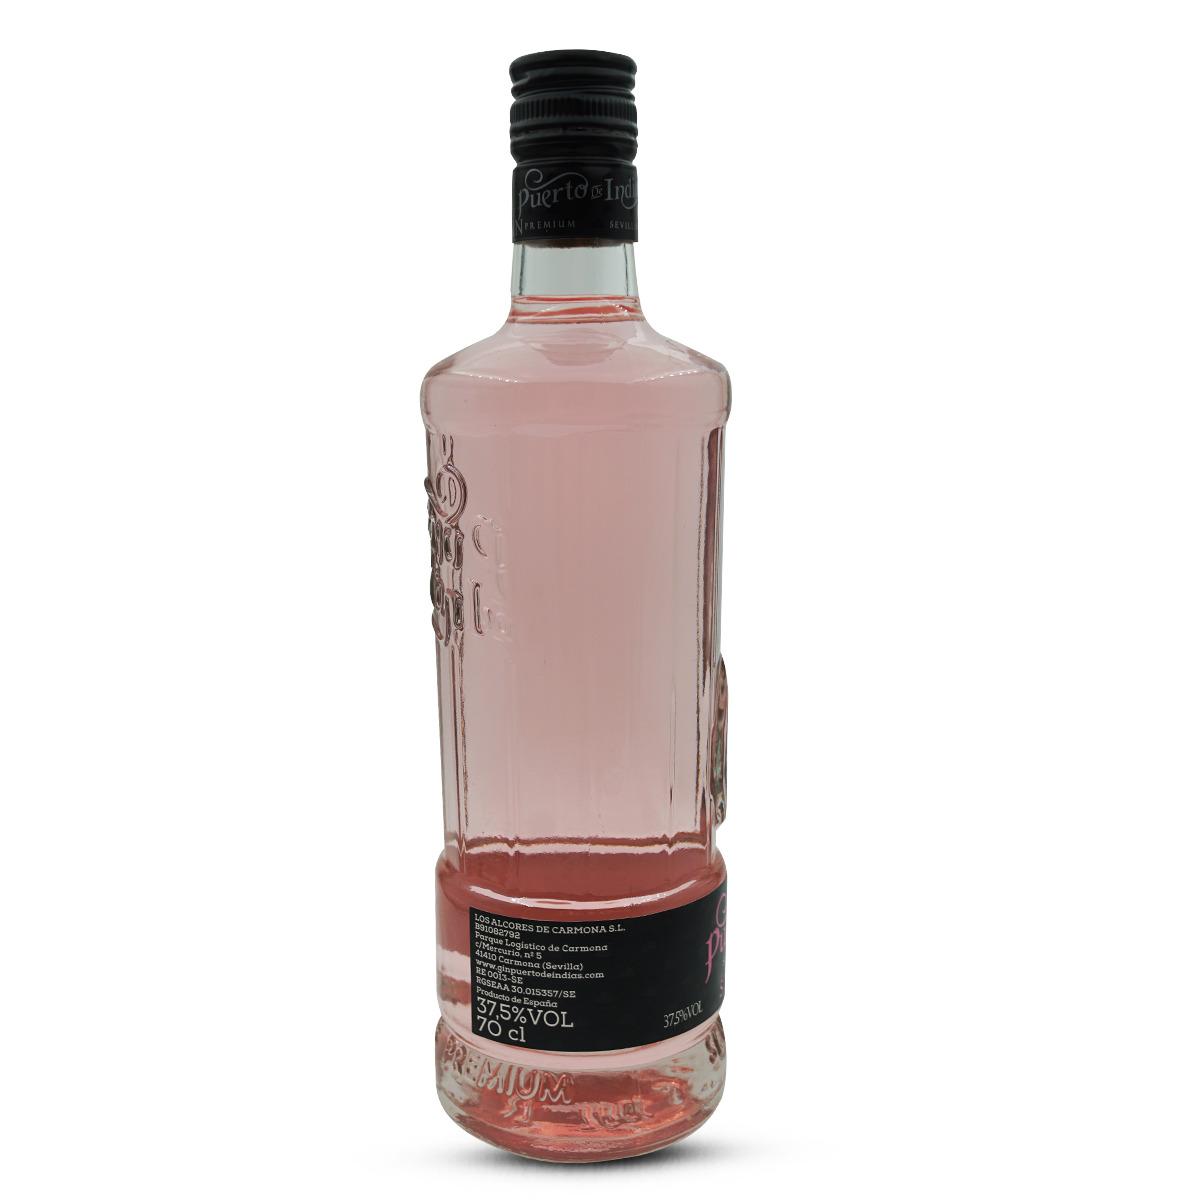 Puerto de Indias Strawberry Premium Gin